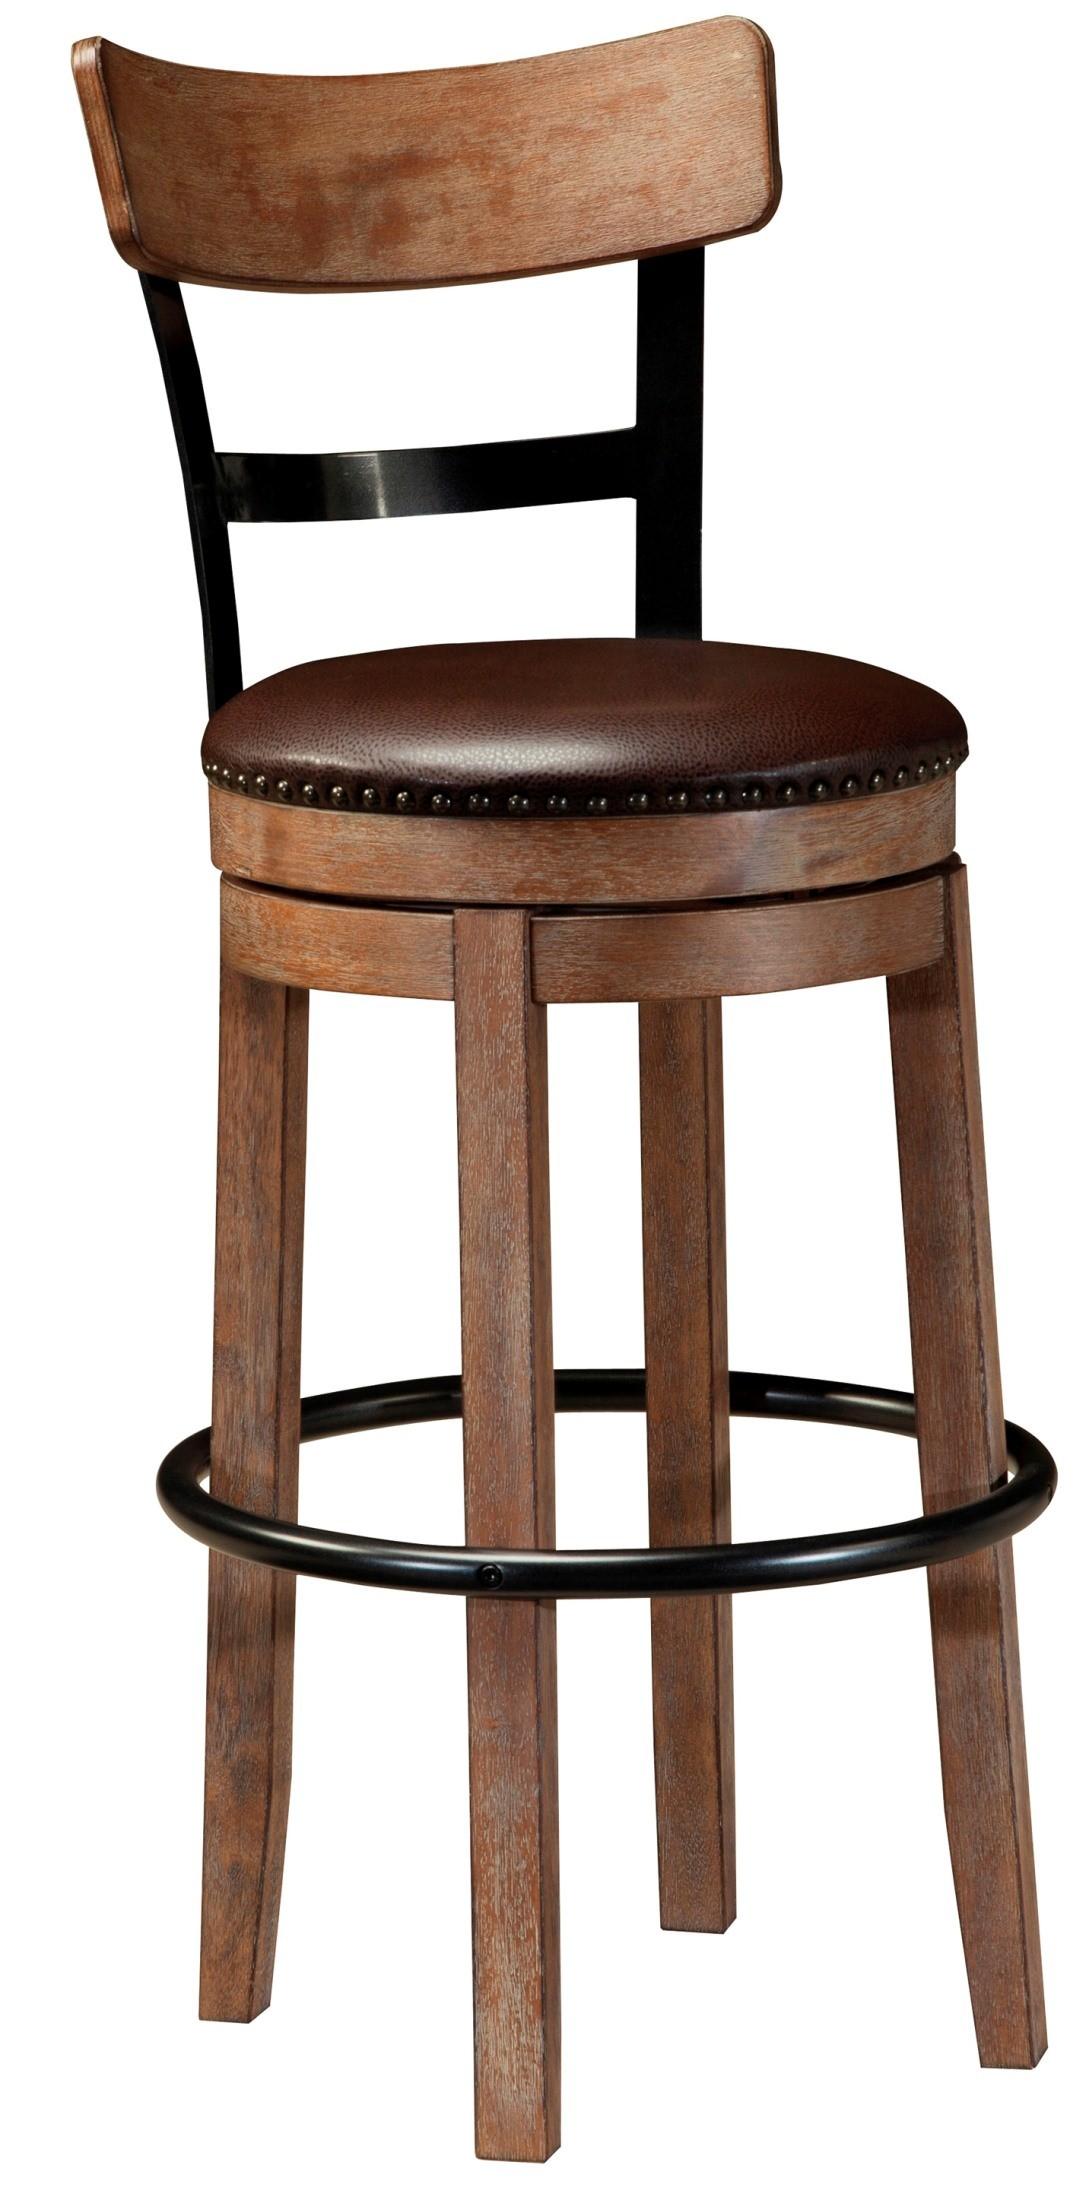 Pinnadel Tall Upholstered Swivel Barstool From Ashley